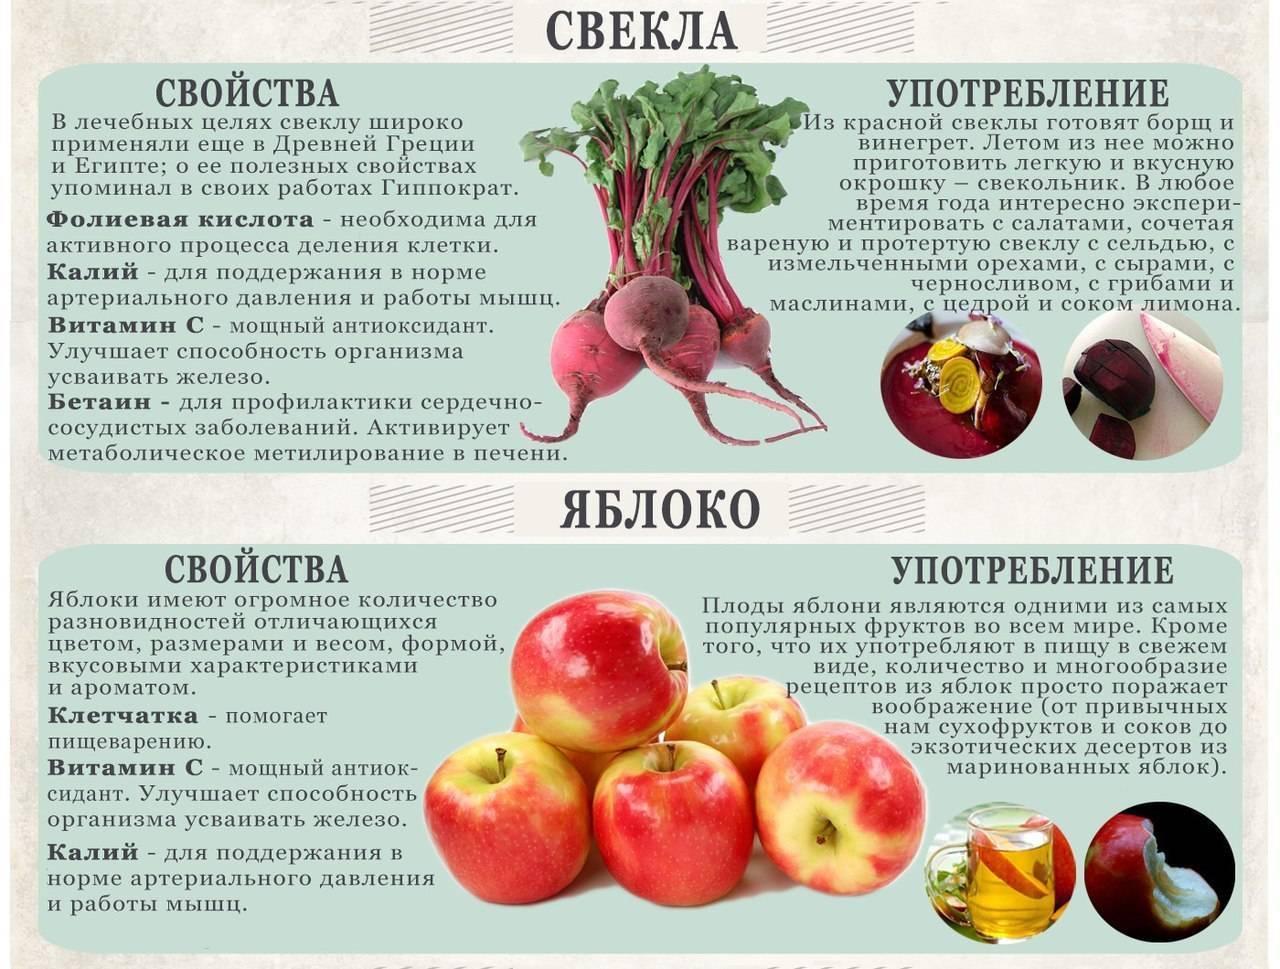 Свекла - уникальный целебный корнеплод | компетентно о здоровье на ilive